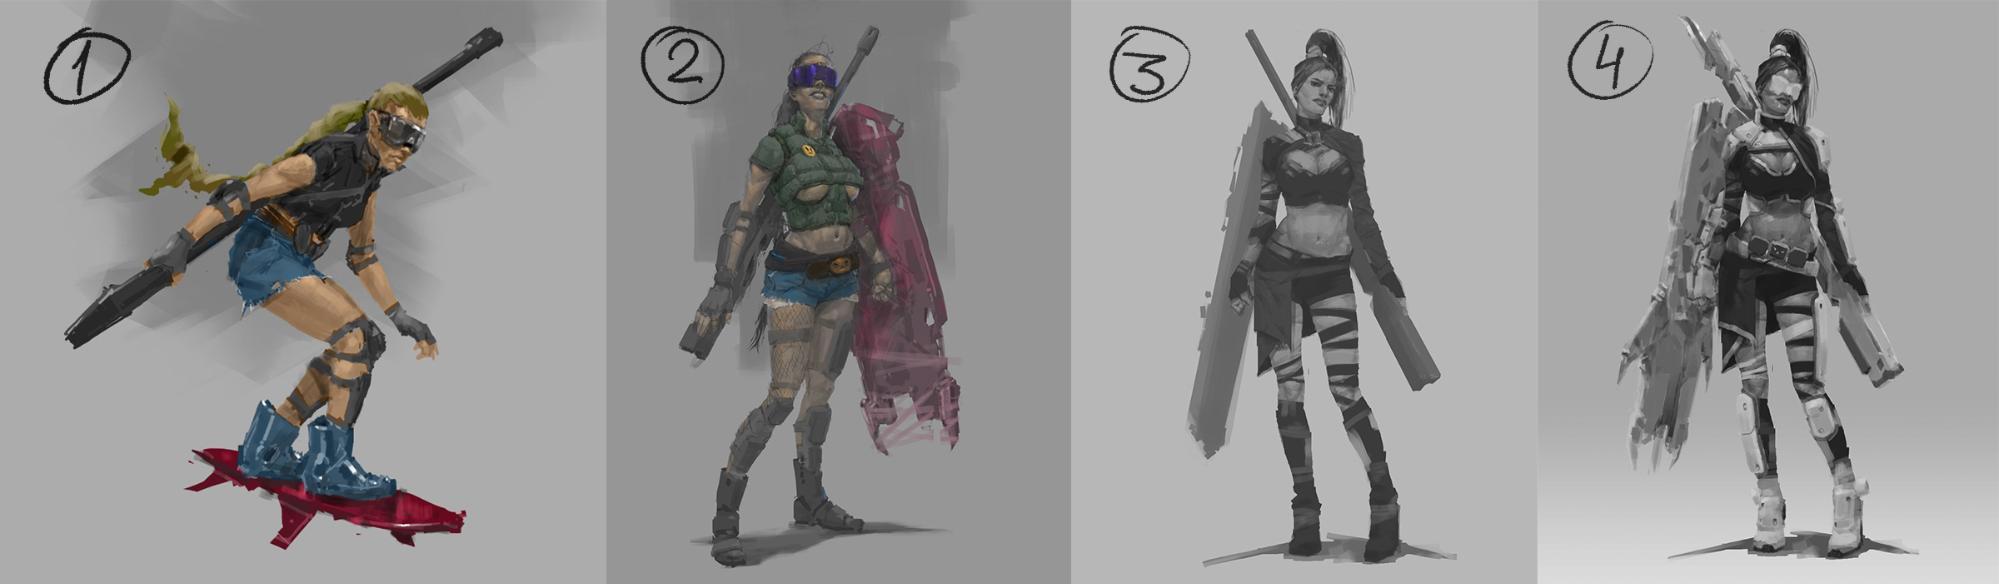 Рефлексия геймдизайнера: персонажи для игры, которая не вышла - 14